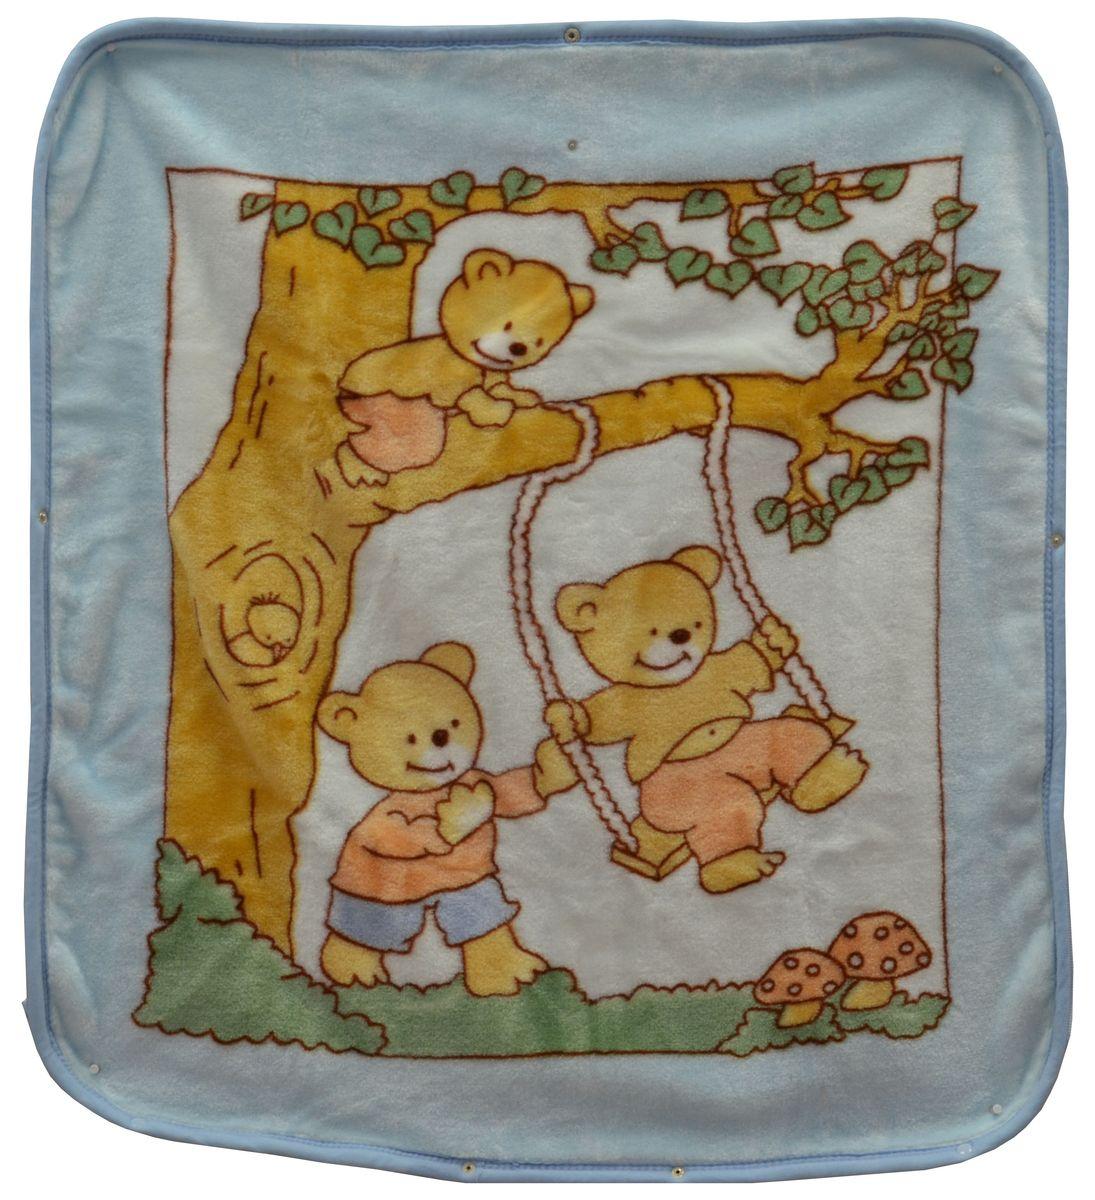 Bonne Fee Плед-накидка для младенцев на молнии 3, 80 х 90 см, цвет: голубой96281375Плед-накидка для младенцев на молнии Bonne Fee - защита, тепло и комфорт для малышей - использован надёжный, качественный и мягкий материал! Удобство и спокойствие для родителей обеспечивается универсальностью пледа-накидки, конструкция которого позволяет ему легко превращаться в конвертик. Отличное качество и практичность! Любите своего ребёнка и дарите ему лучшее!